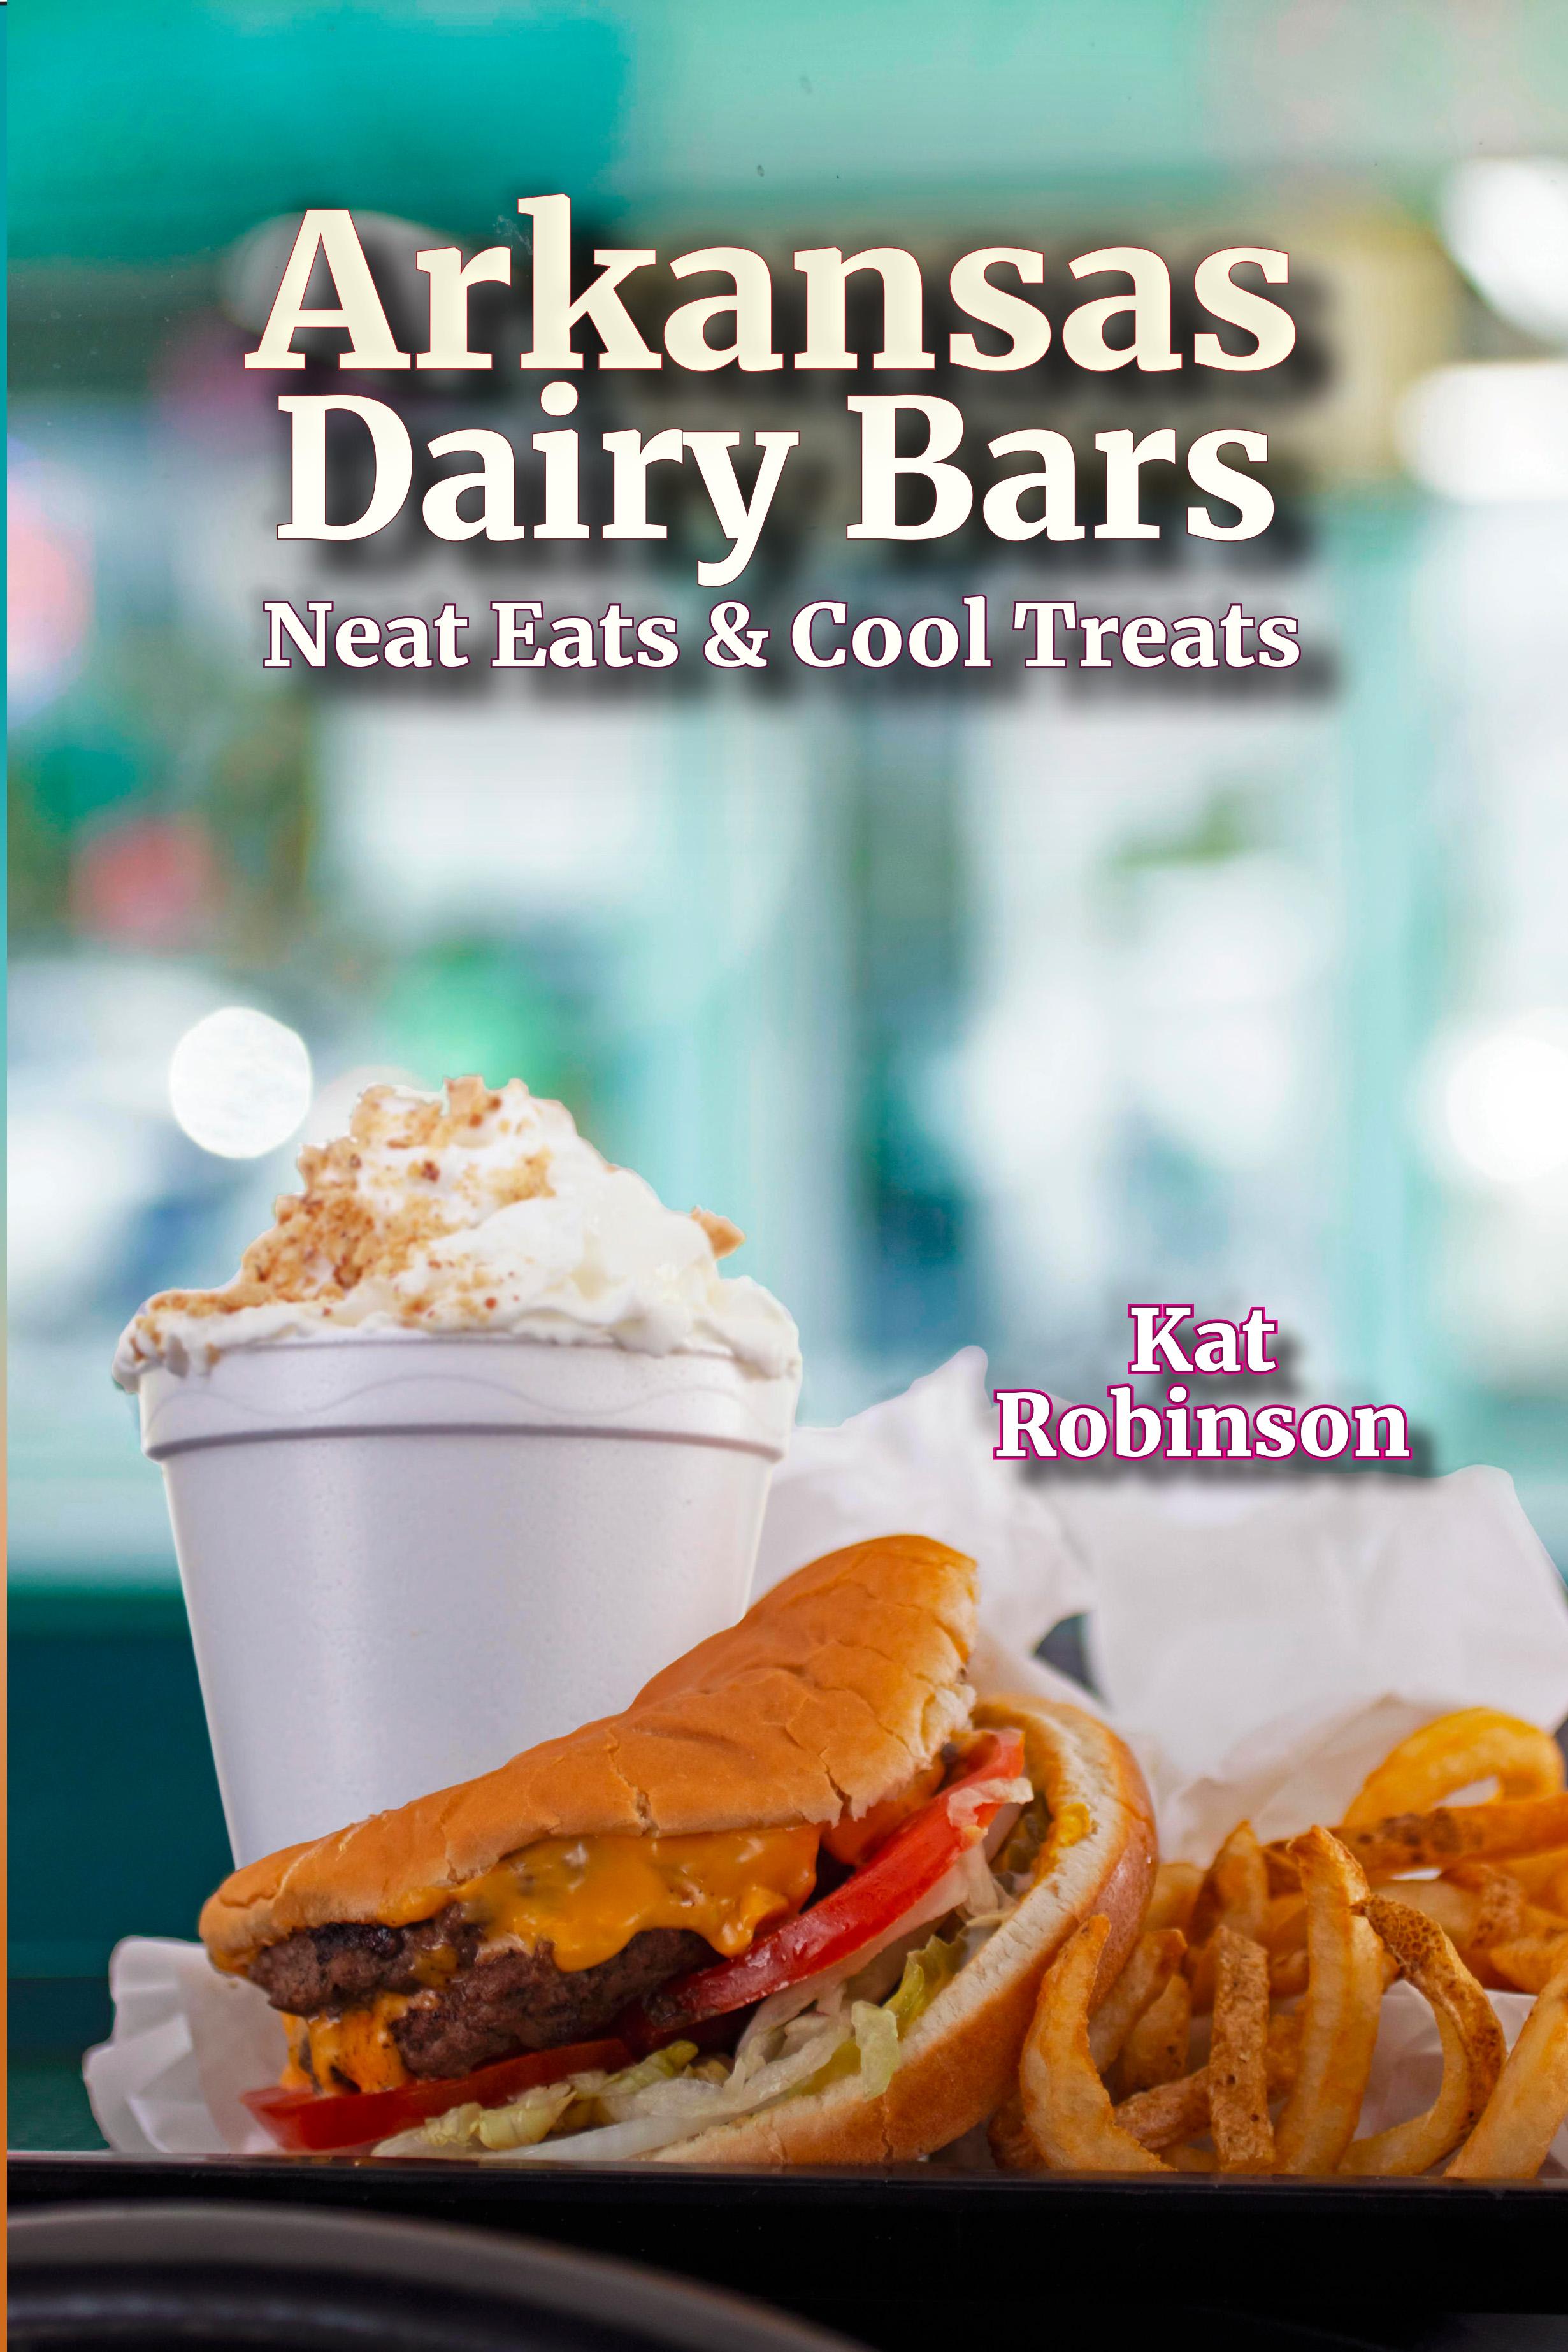 Arkansas Dairy Bars Book